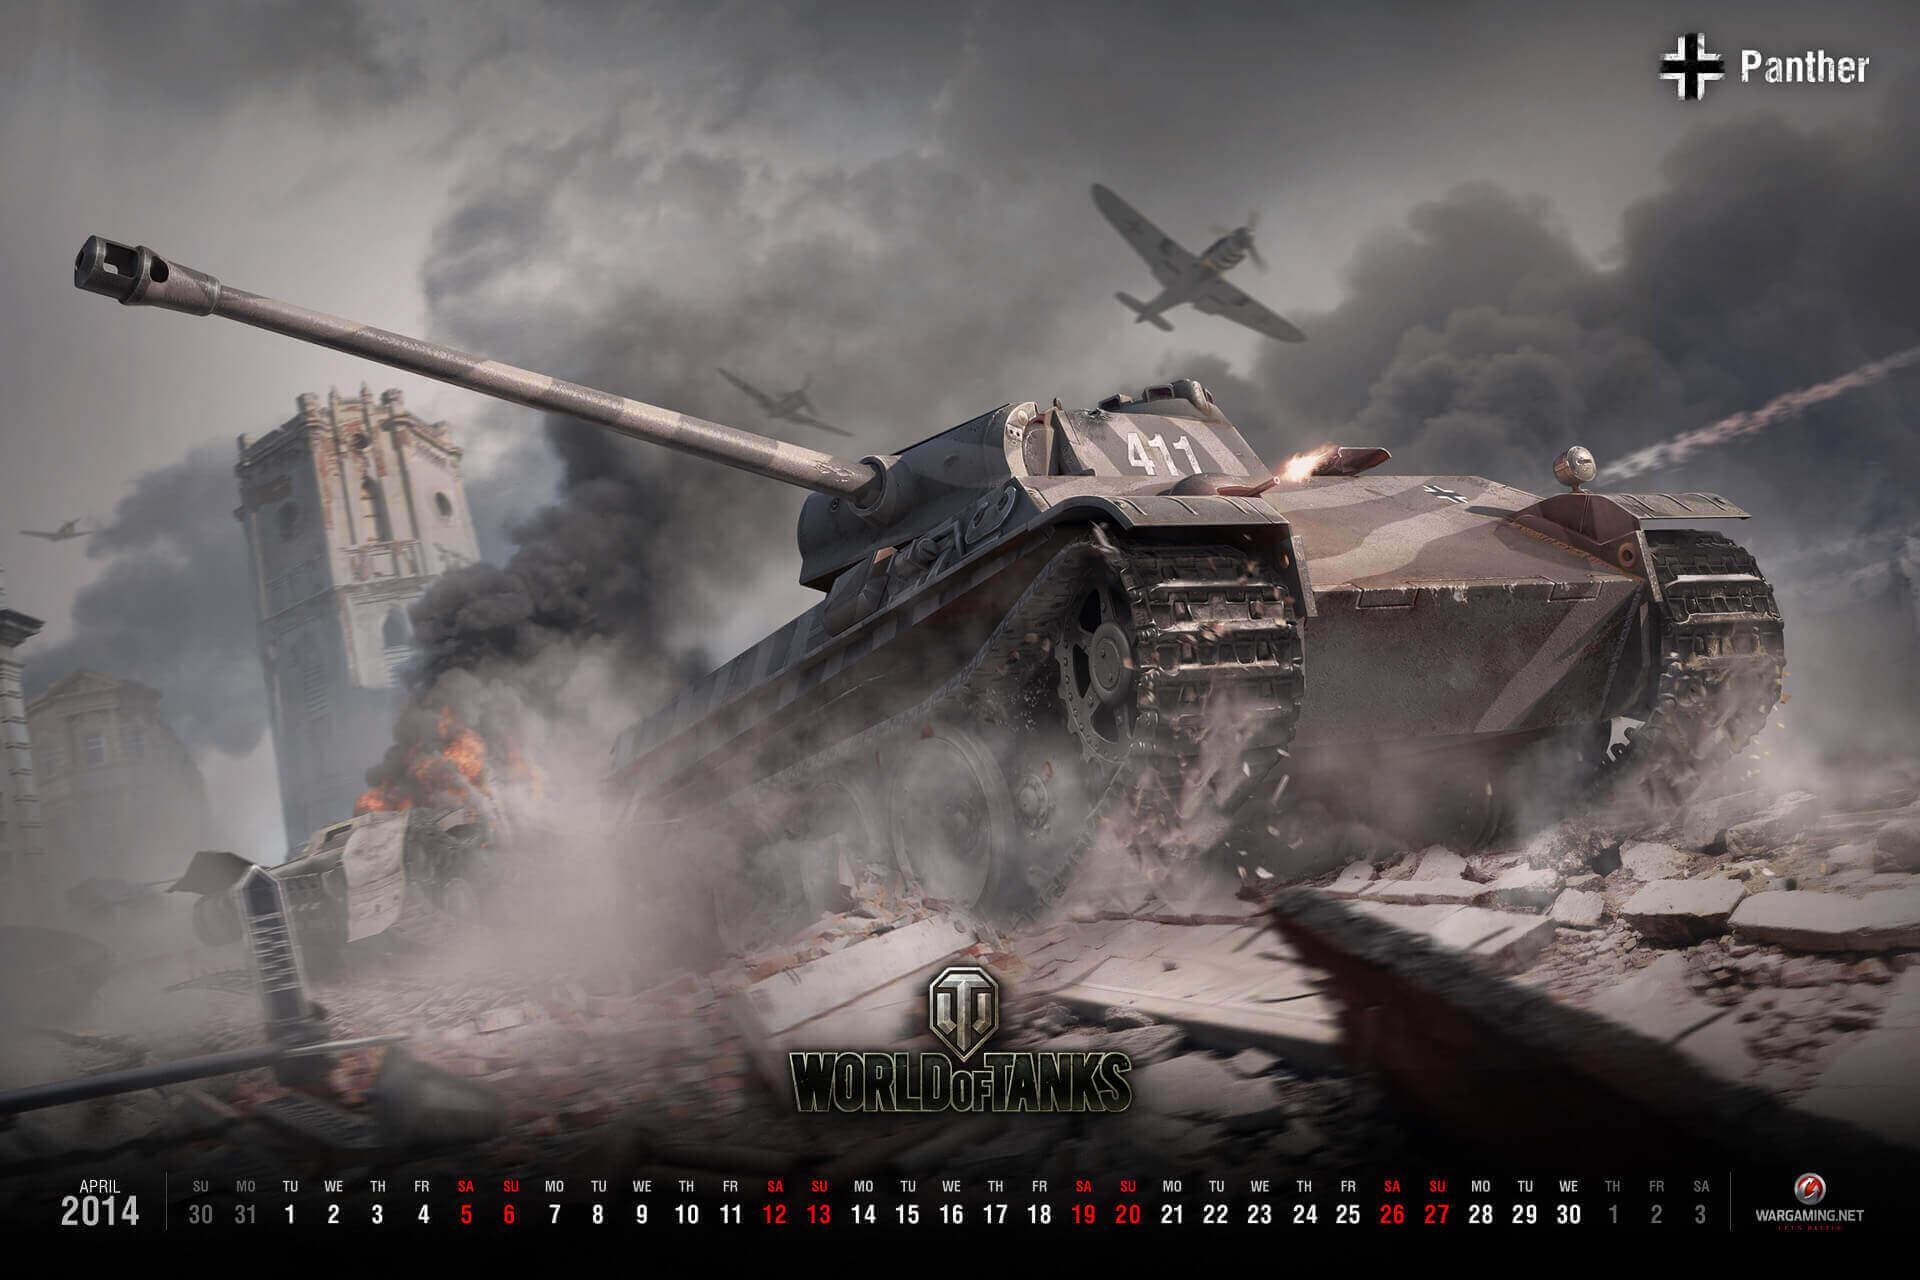 カレンダー 4月カレンダー 2014 : 2014年4月カレンダー: Panther ...